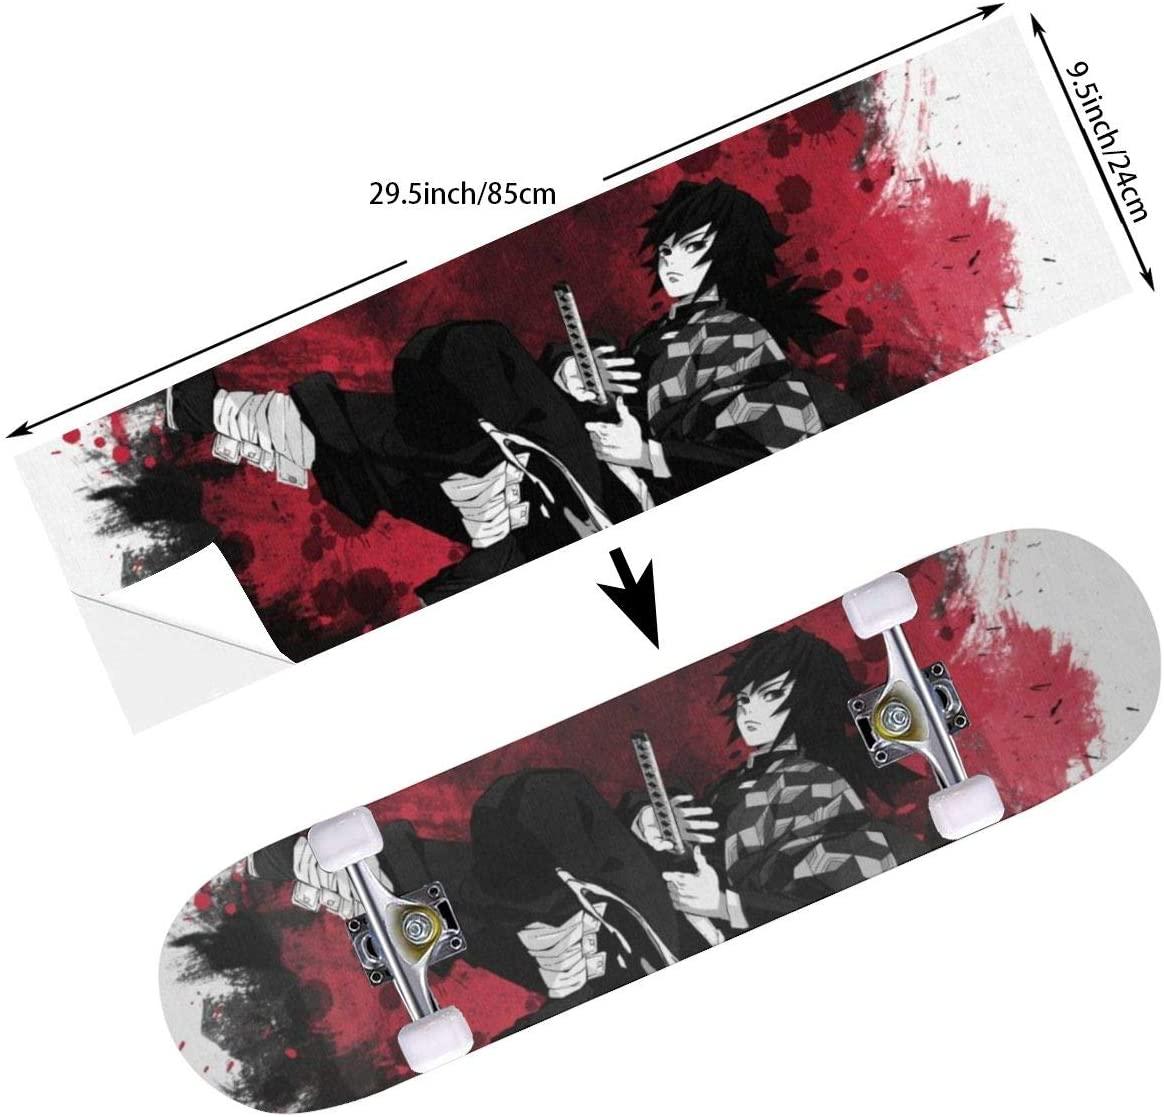 D-WOLVES Boys Skateboard Grip Tape Scooter Grip Tape, Long Board Grip Tape, Anti Slip Bubble Free Griptape